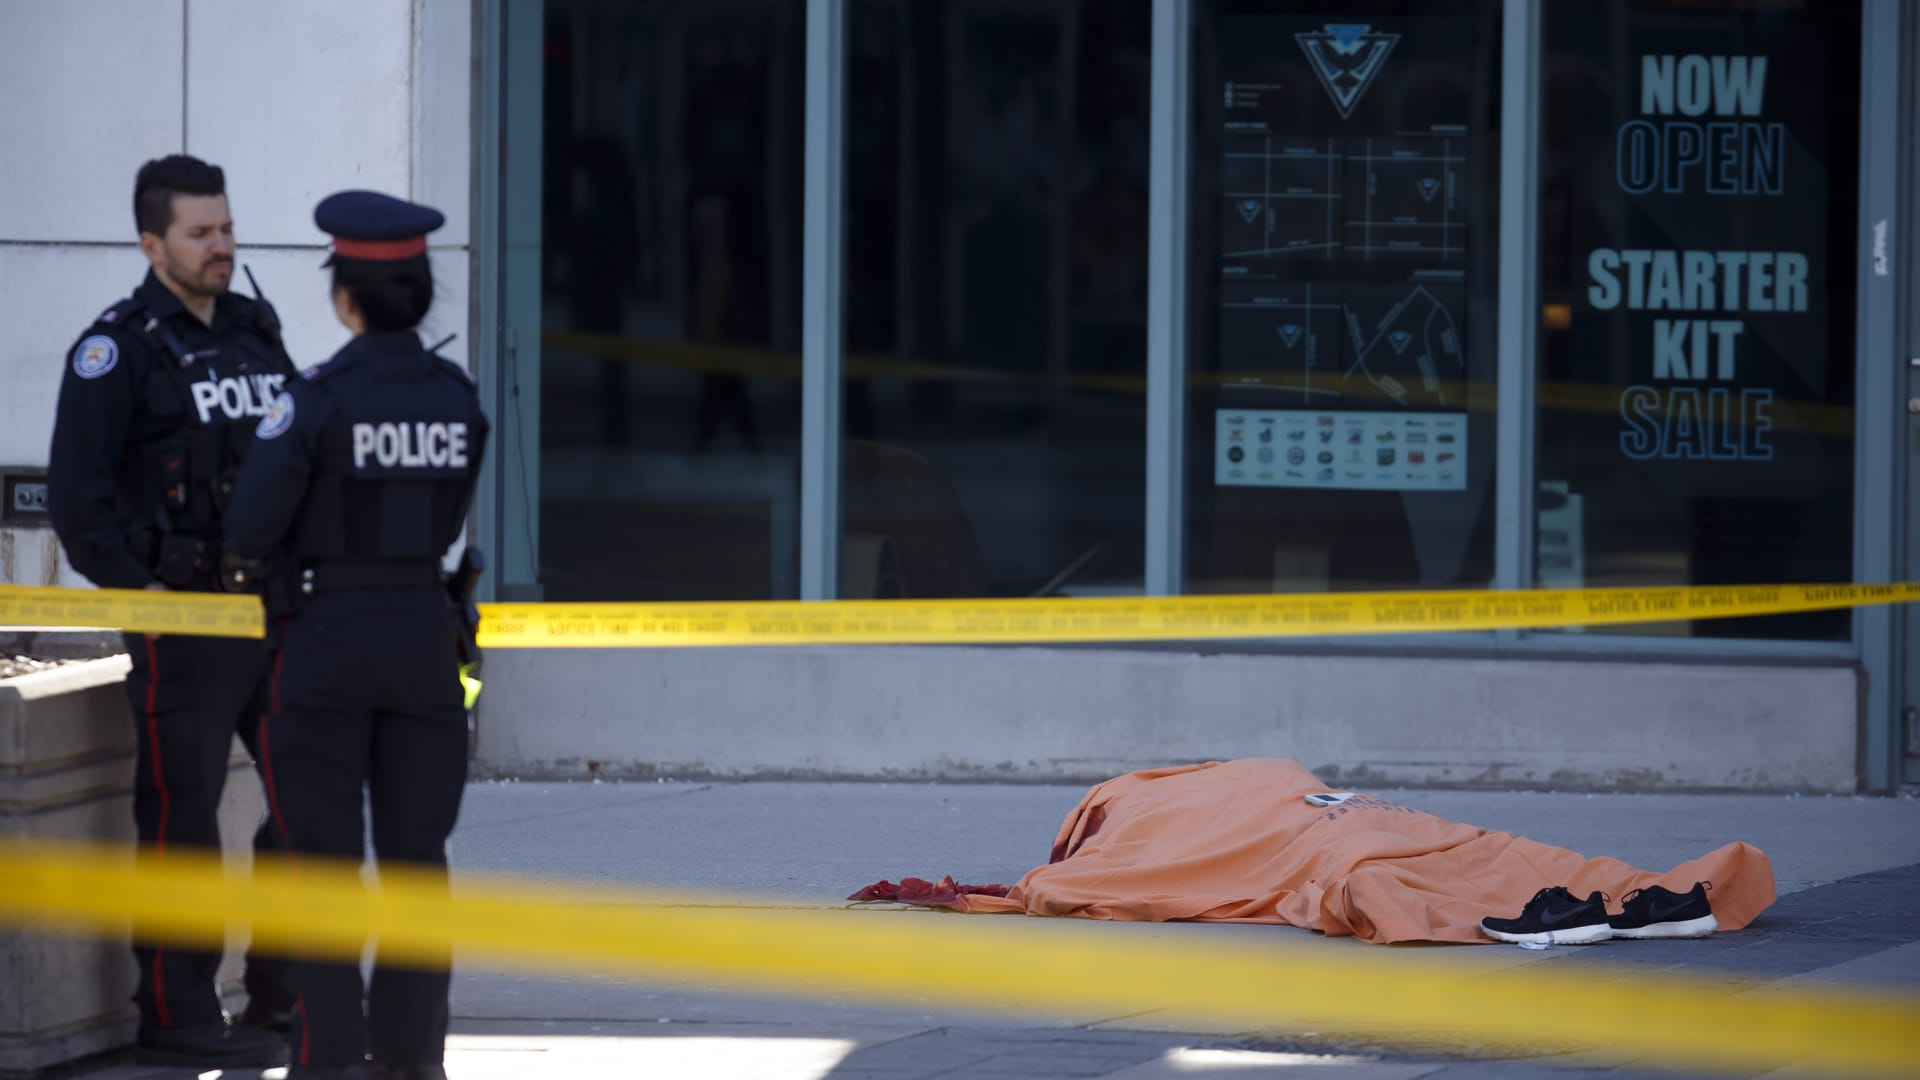 دهس في تورونتو.. الشرطة الكندية تحتجز المشتبه به